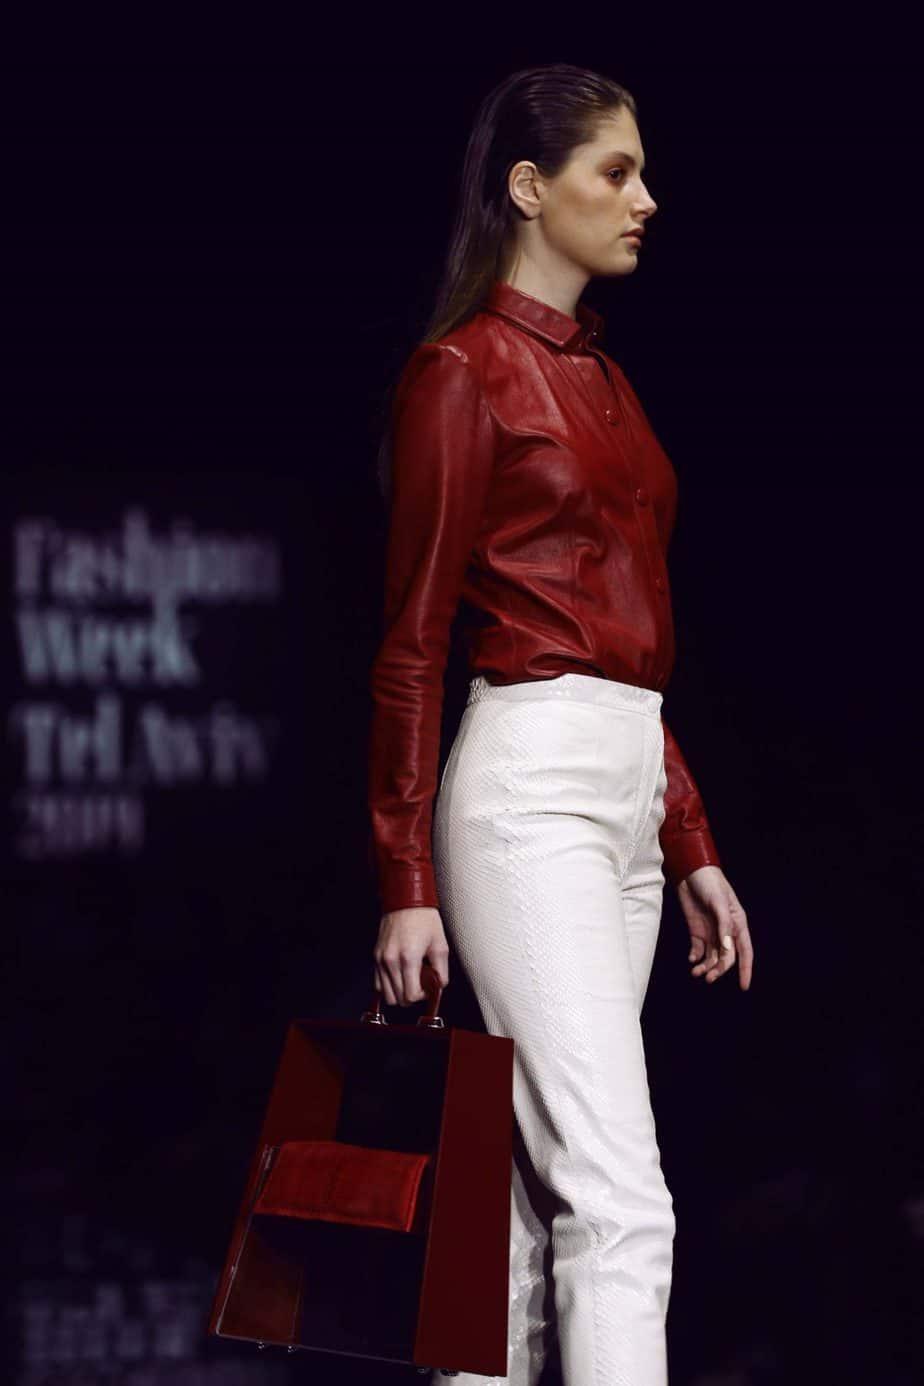 שי שלום. שבוע האופנה תל אביב 2019. צילום עומר רביבי - 13